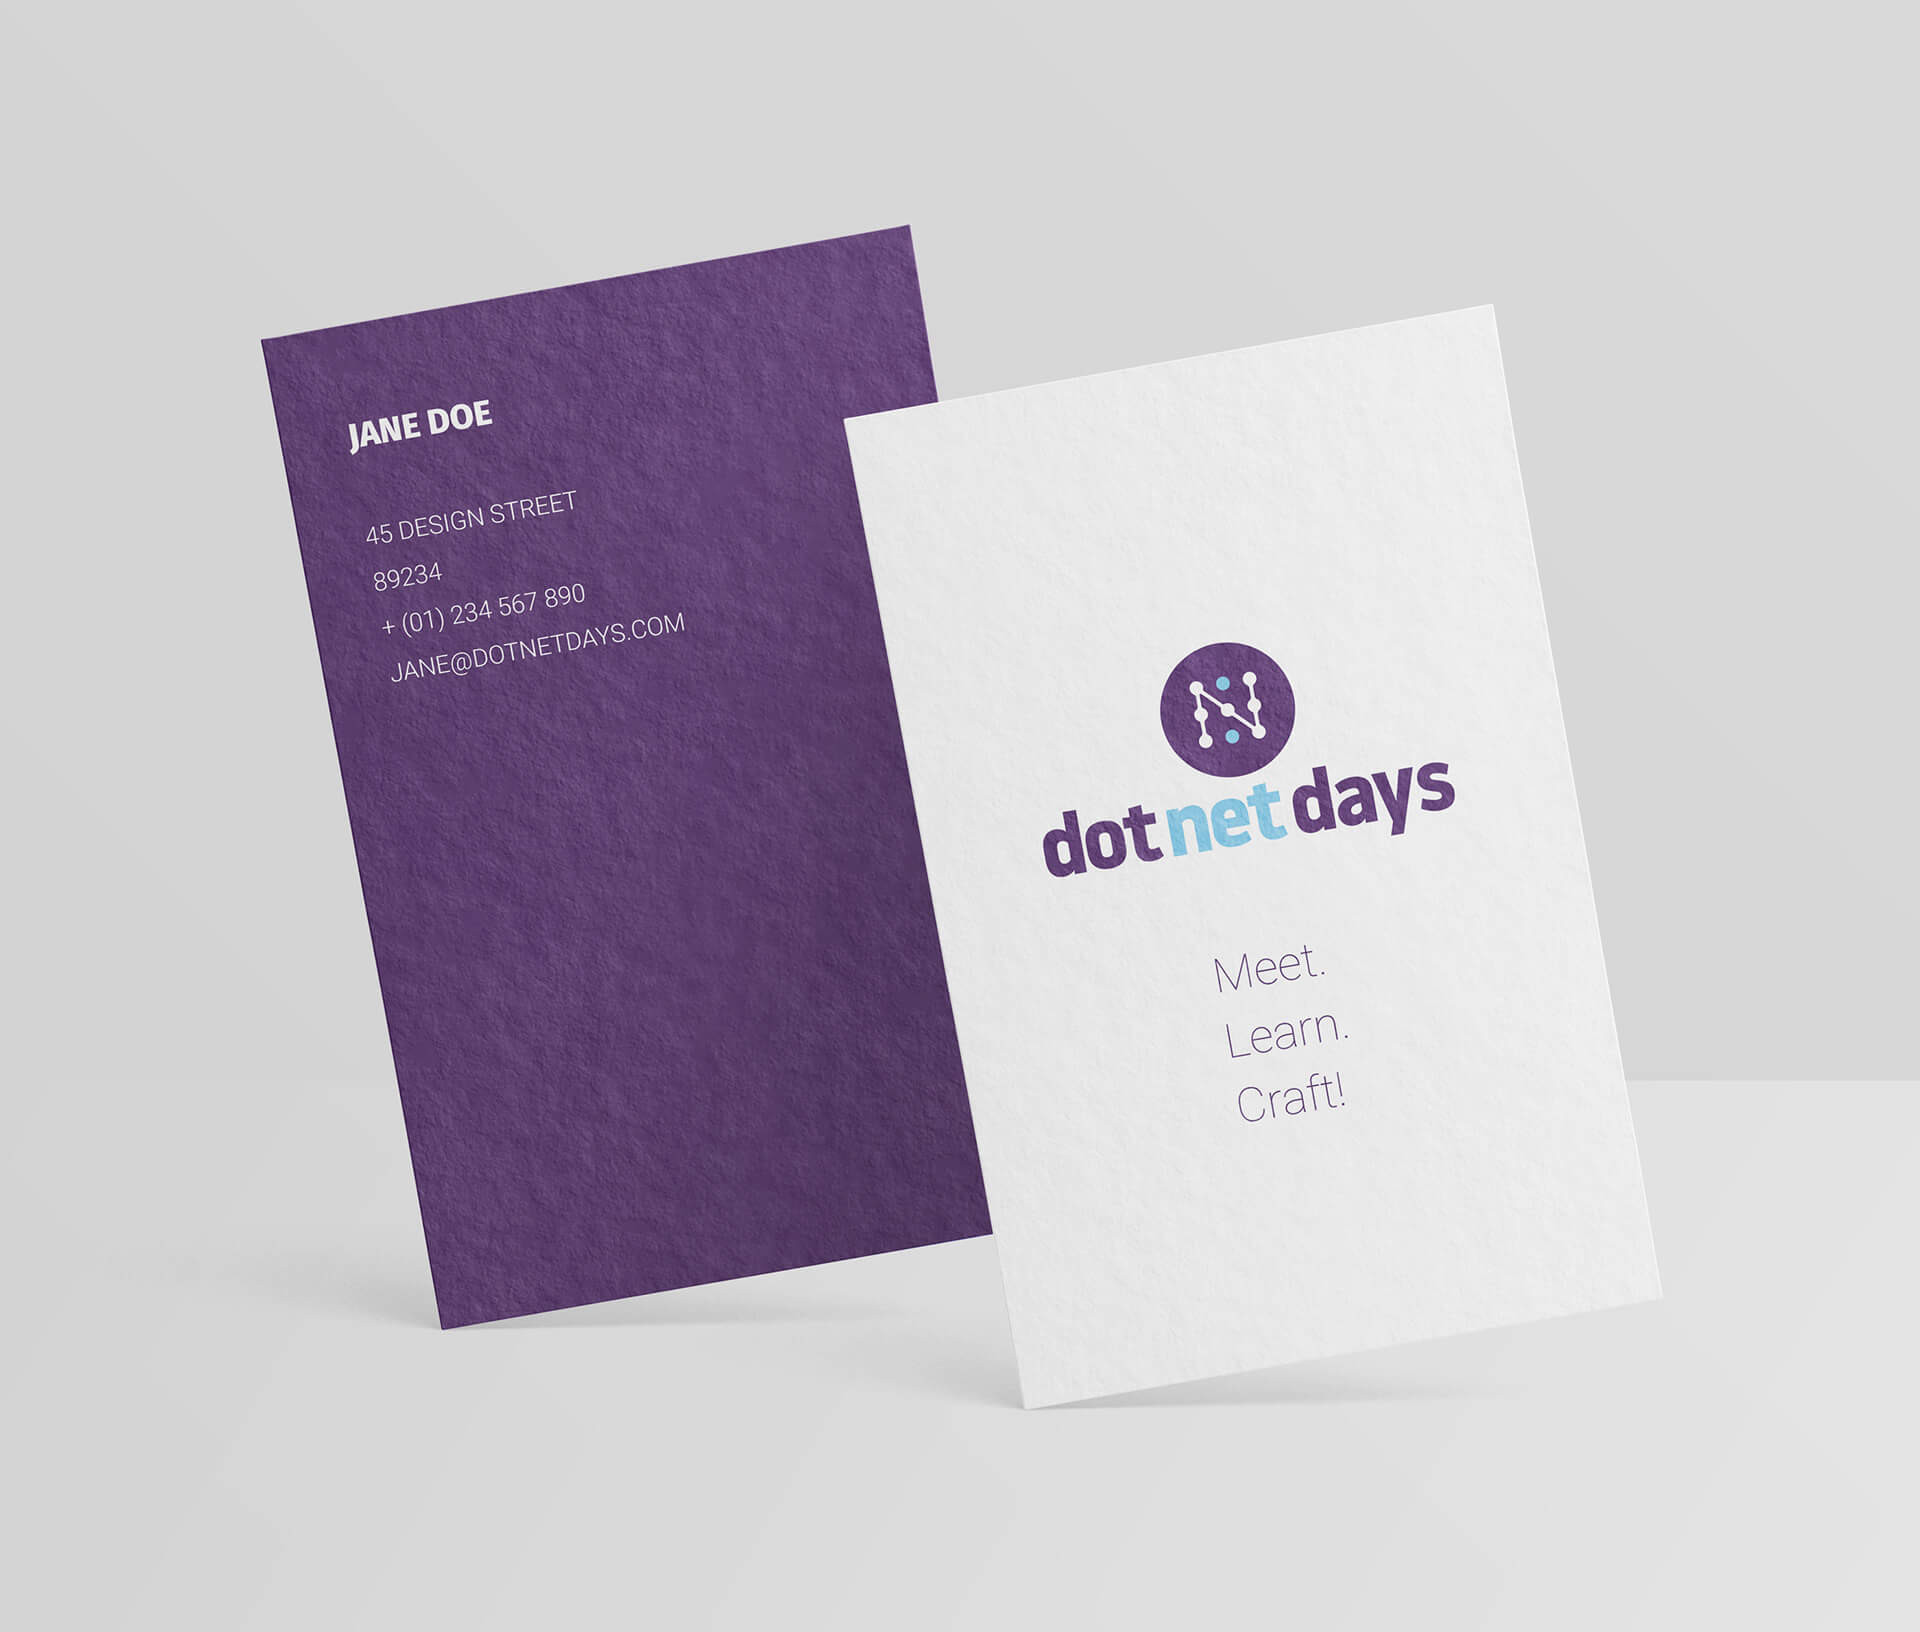 dotnetdays-business-cards